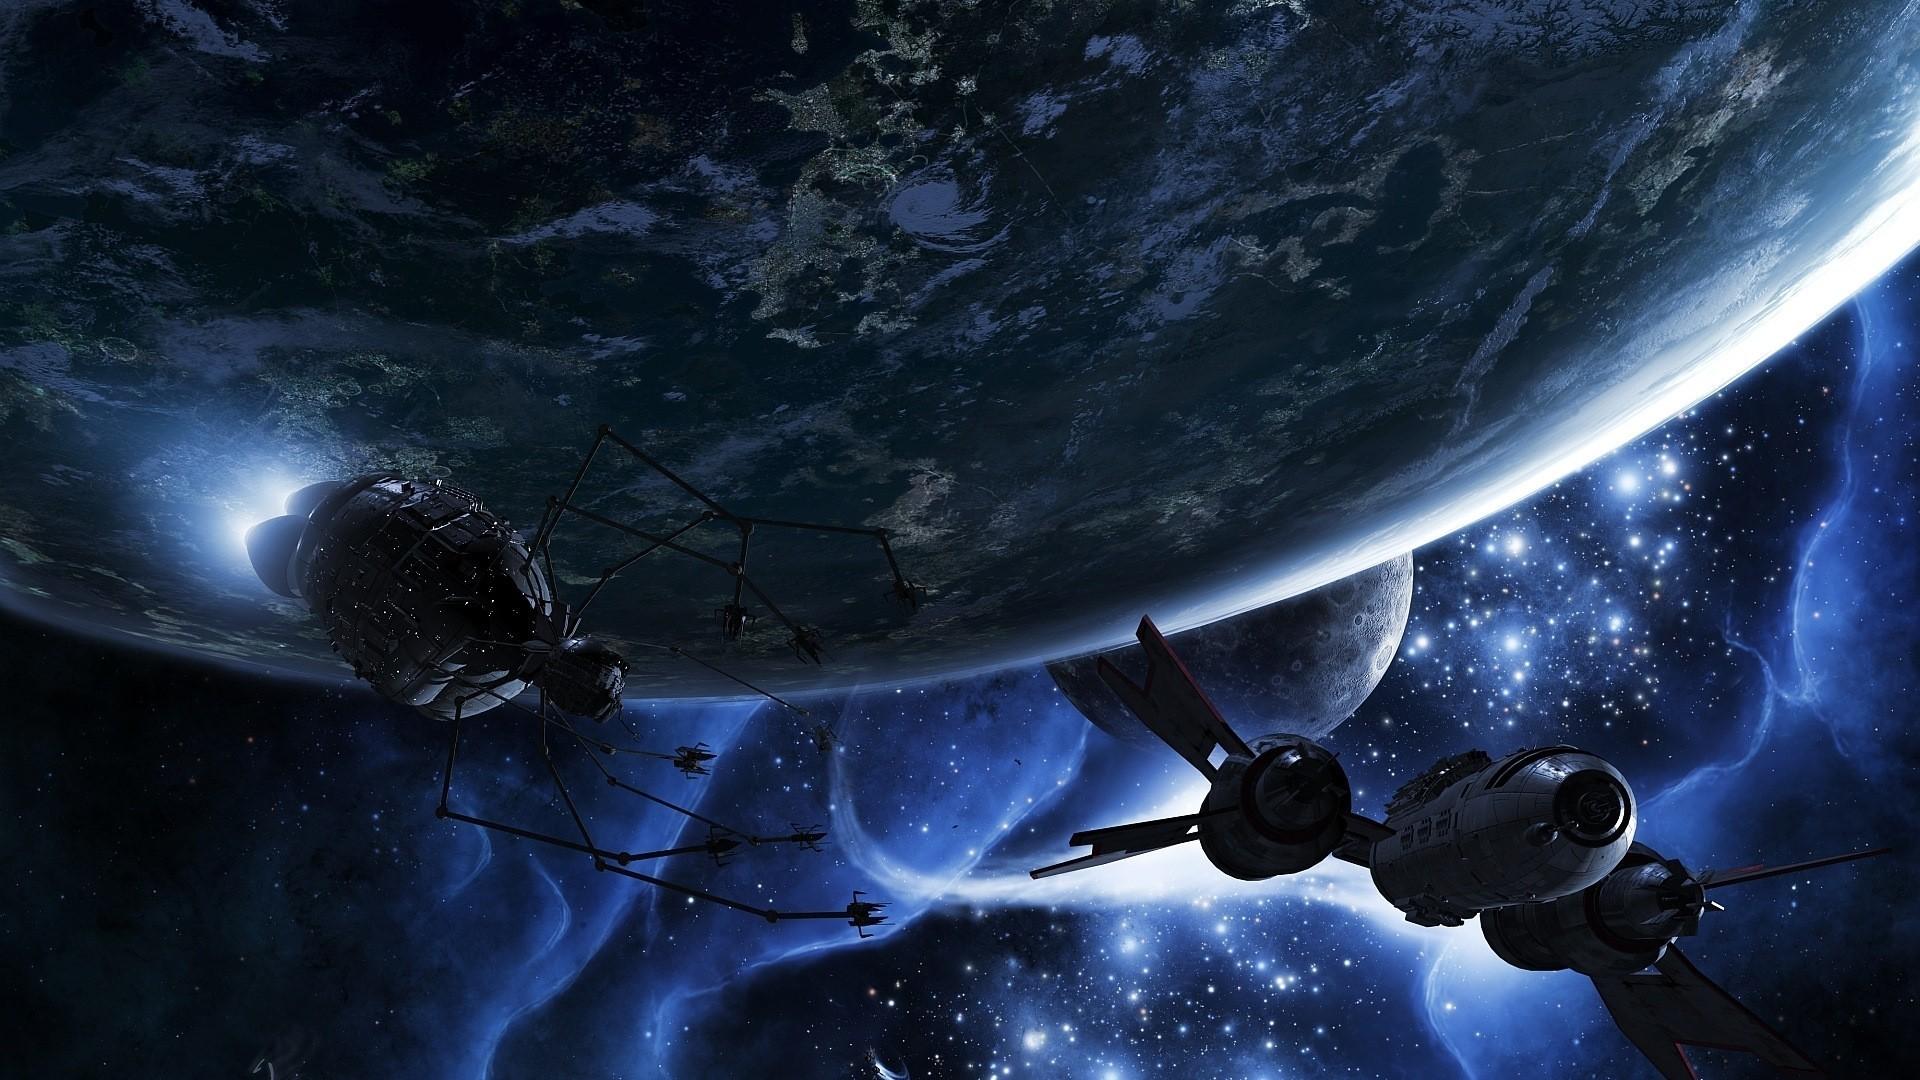 дня влада новые картинки про космос после фотосъемок